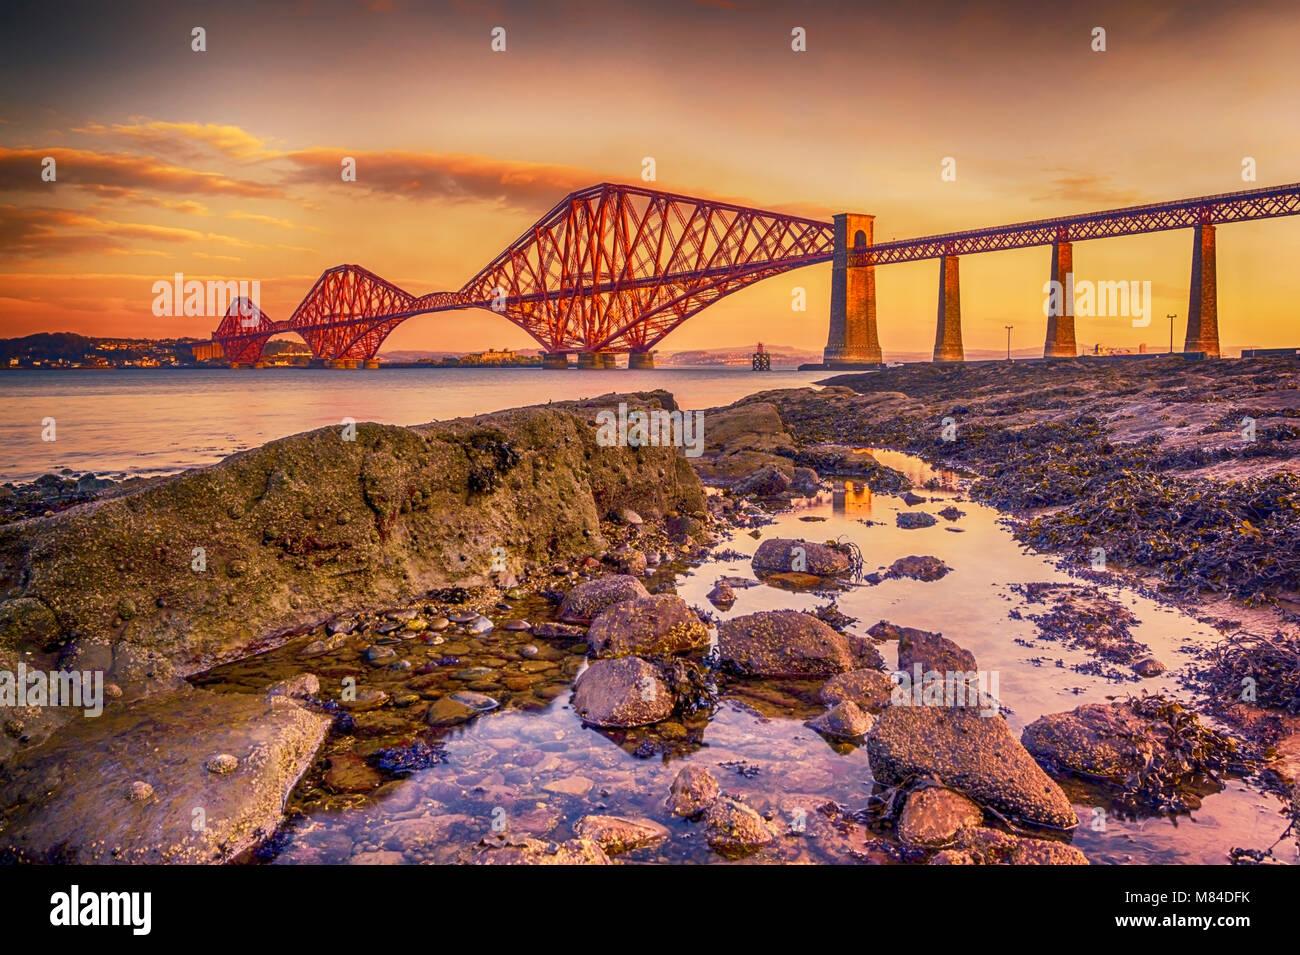 Il Forth Bridge, Scozia, crogiolarsi nella bassa inverno mattina sun. Immagini Stock